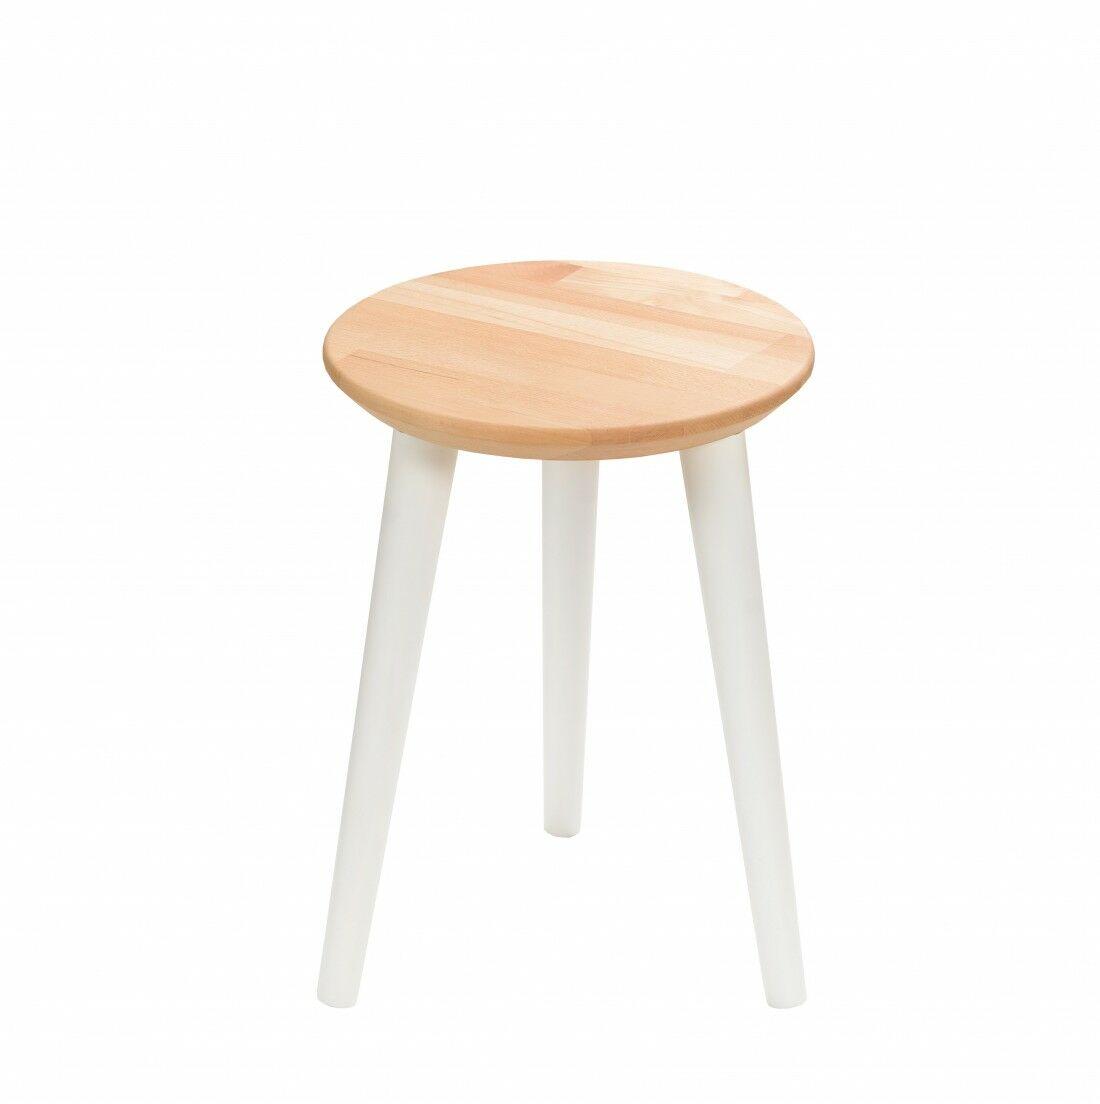 Taboret drewniany okrągły z litego buka Olejowany buk - Natural, Wykończenie nogi - Biały, Wysokość - 410, Wymiar siedziska (Średnica) - 300